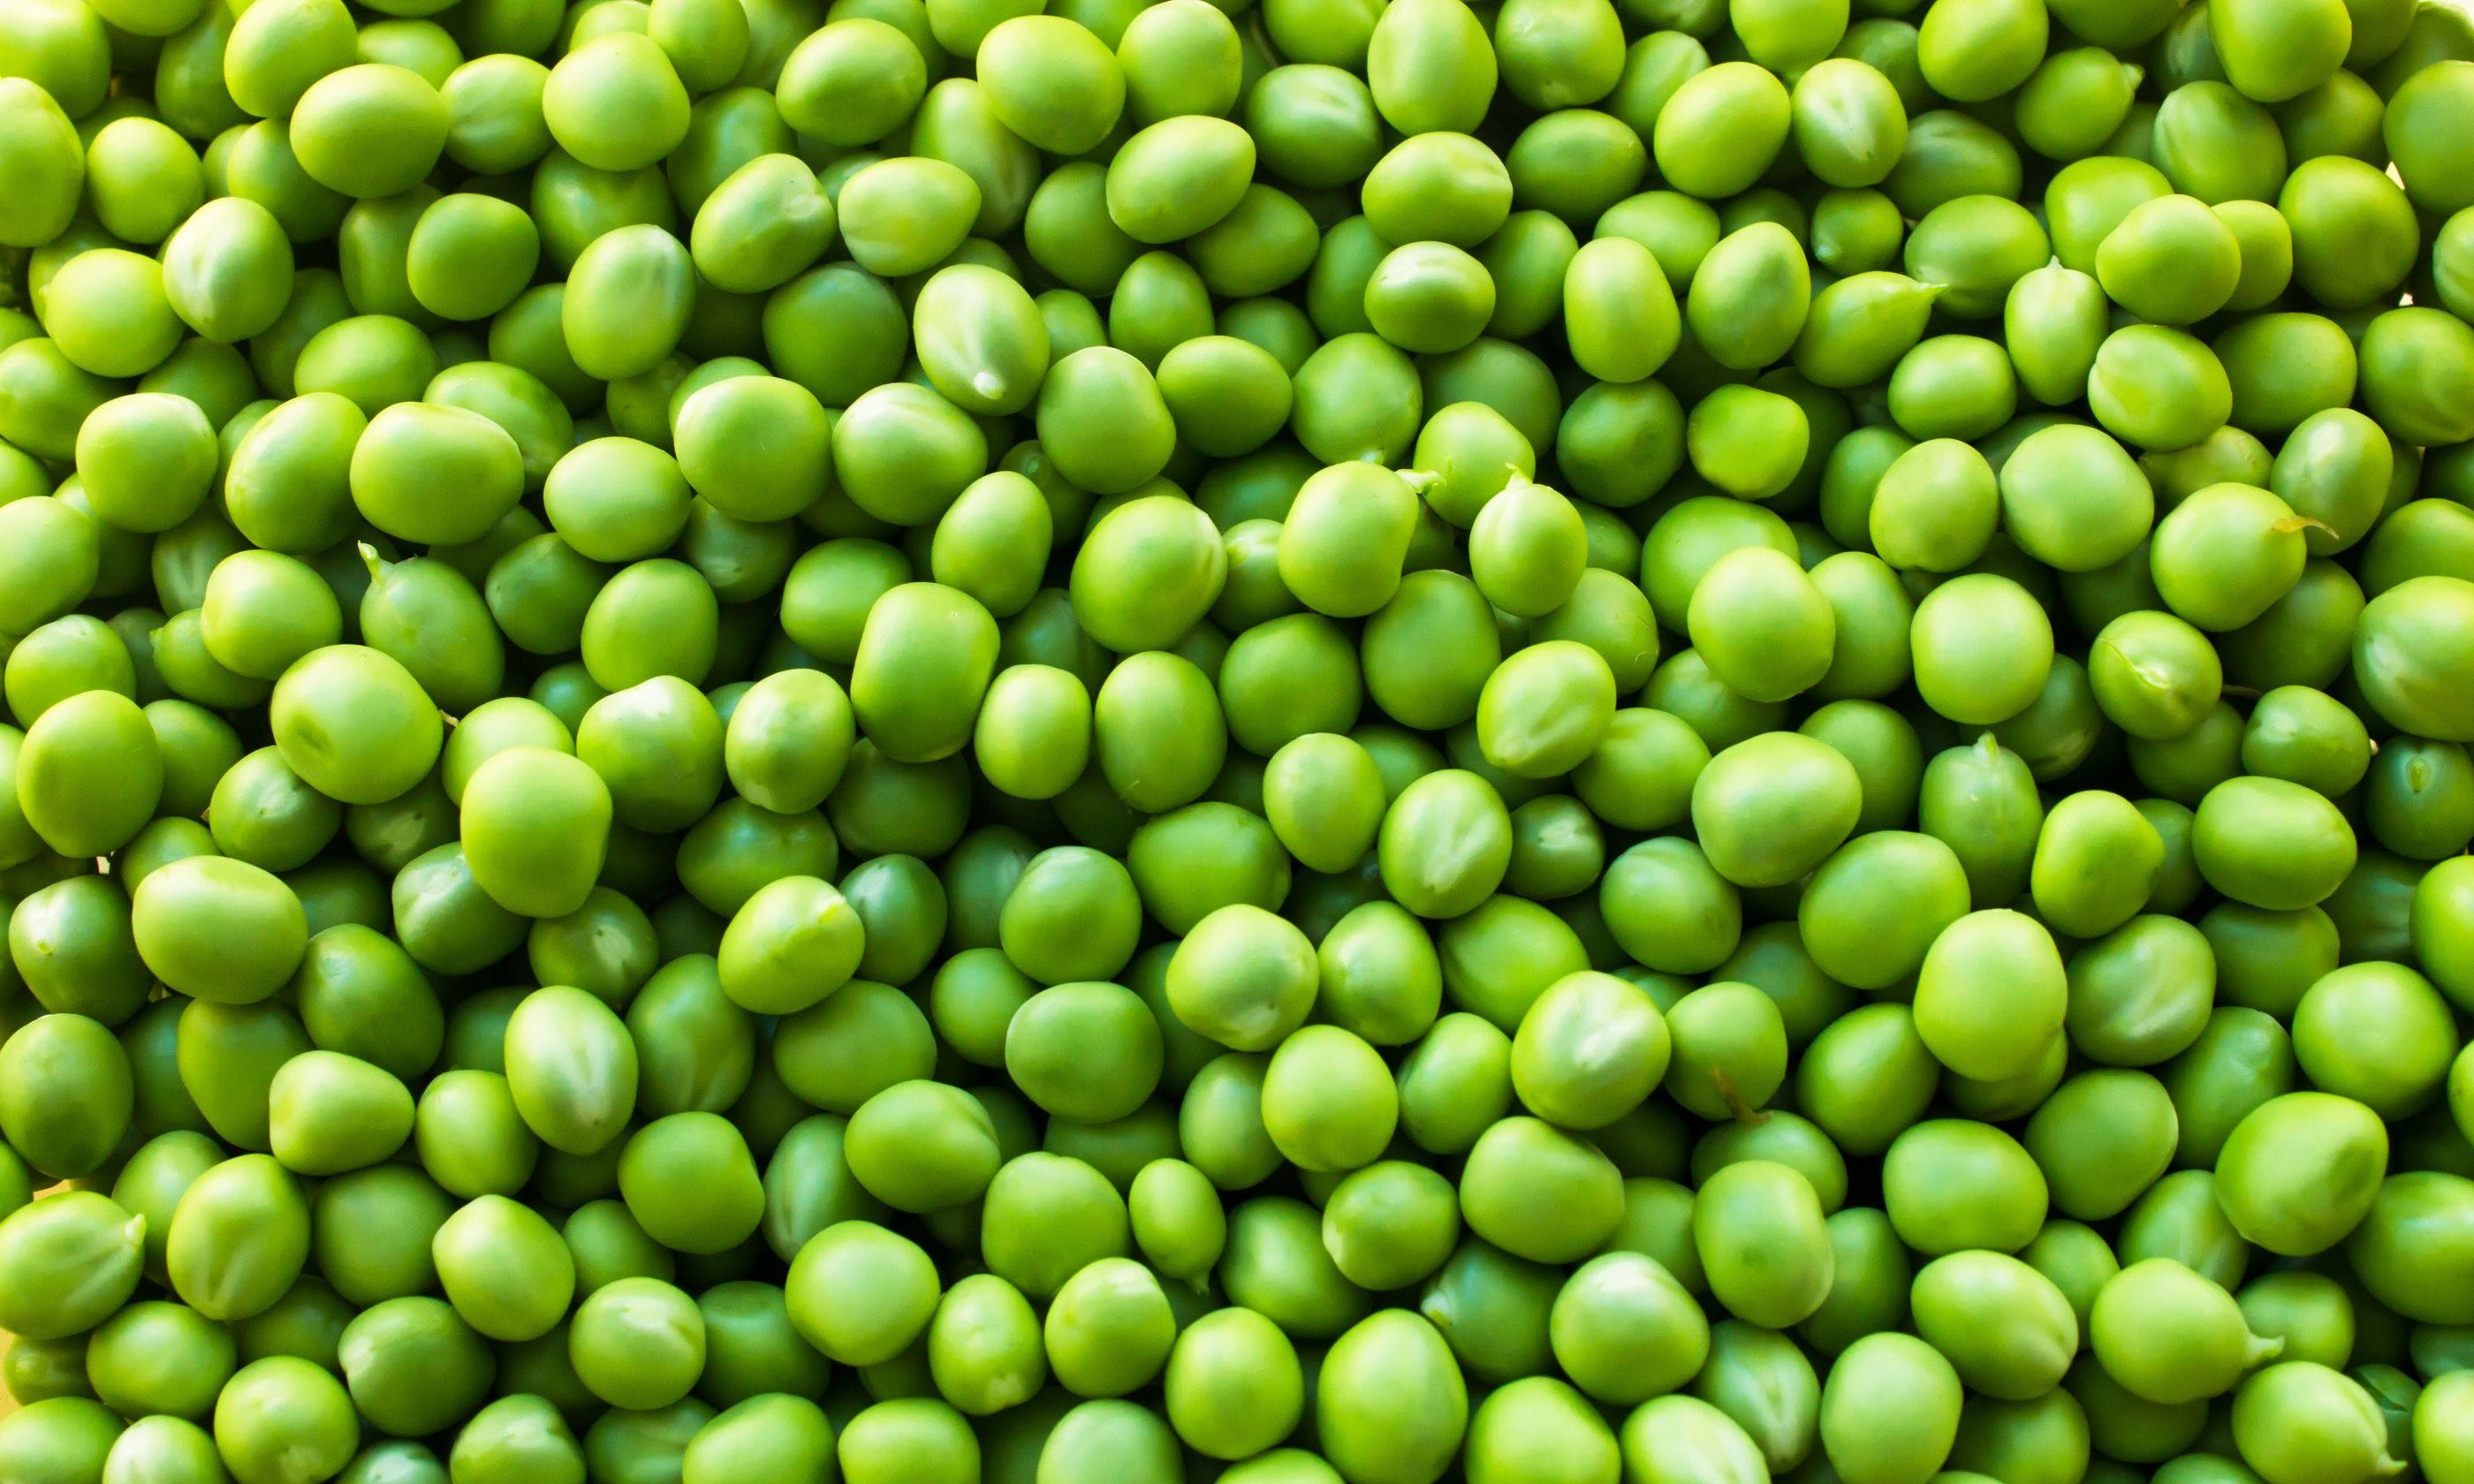 Green peas (Shutterstock.com)